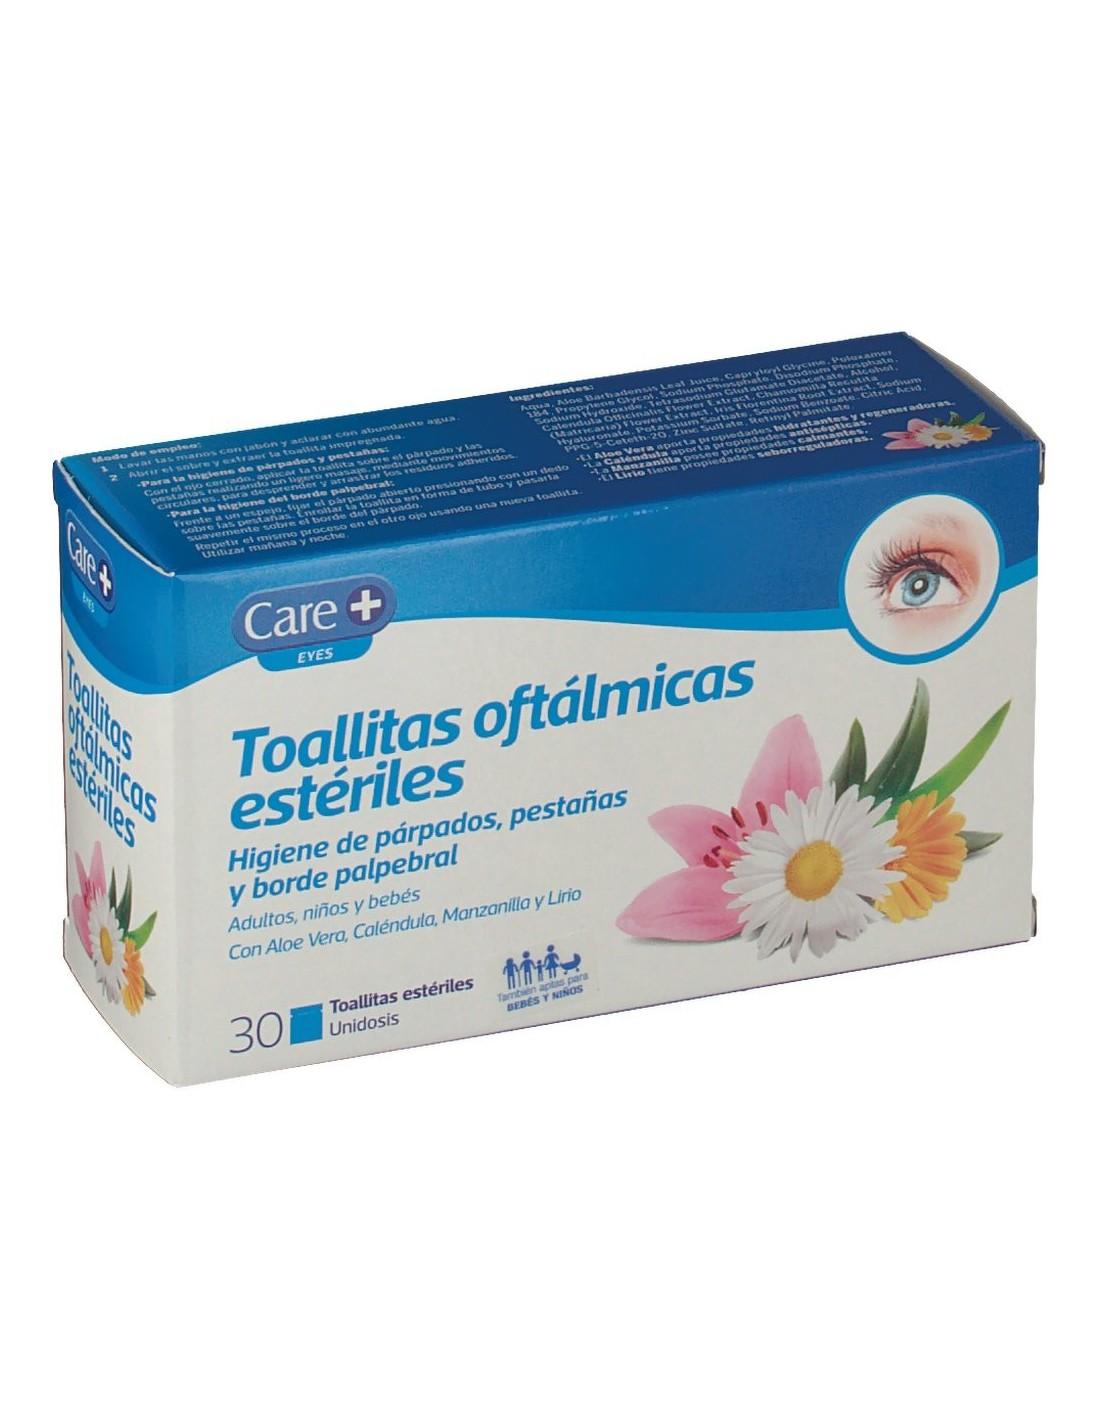 CARE+ TOALLITAS OFTALMICAS ESTERILES  30 TOALLITAS